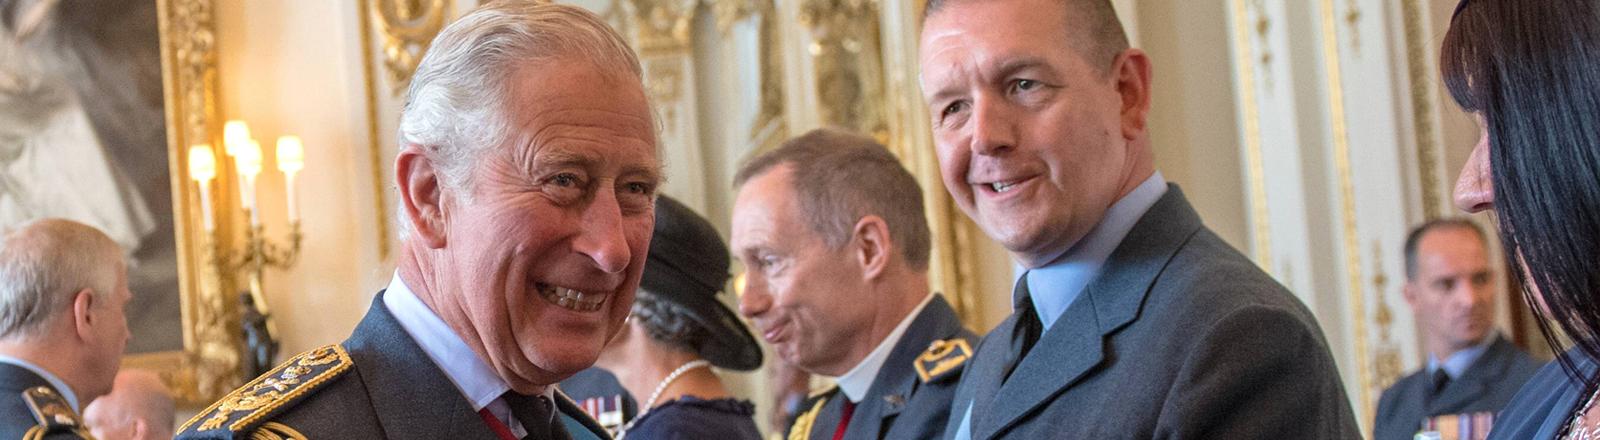 Nahaufnahme von Prince Charles in Uniform